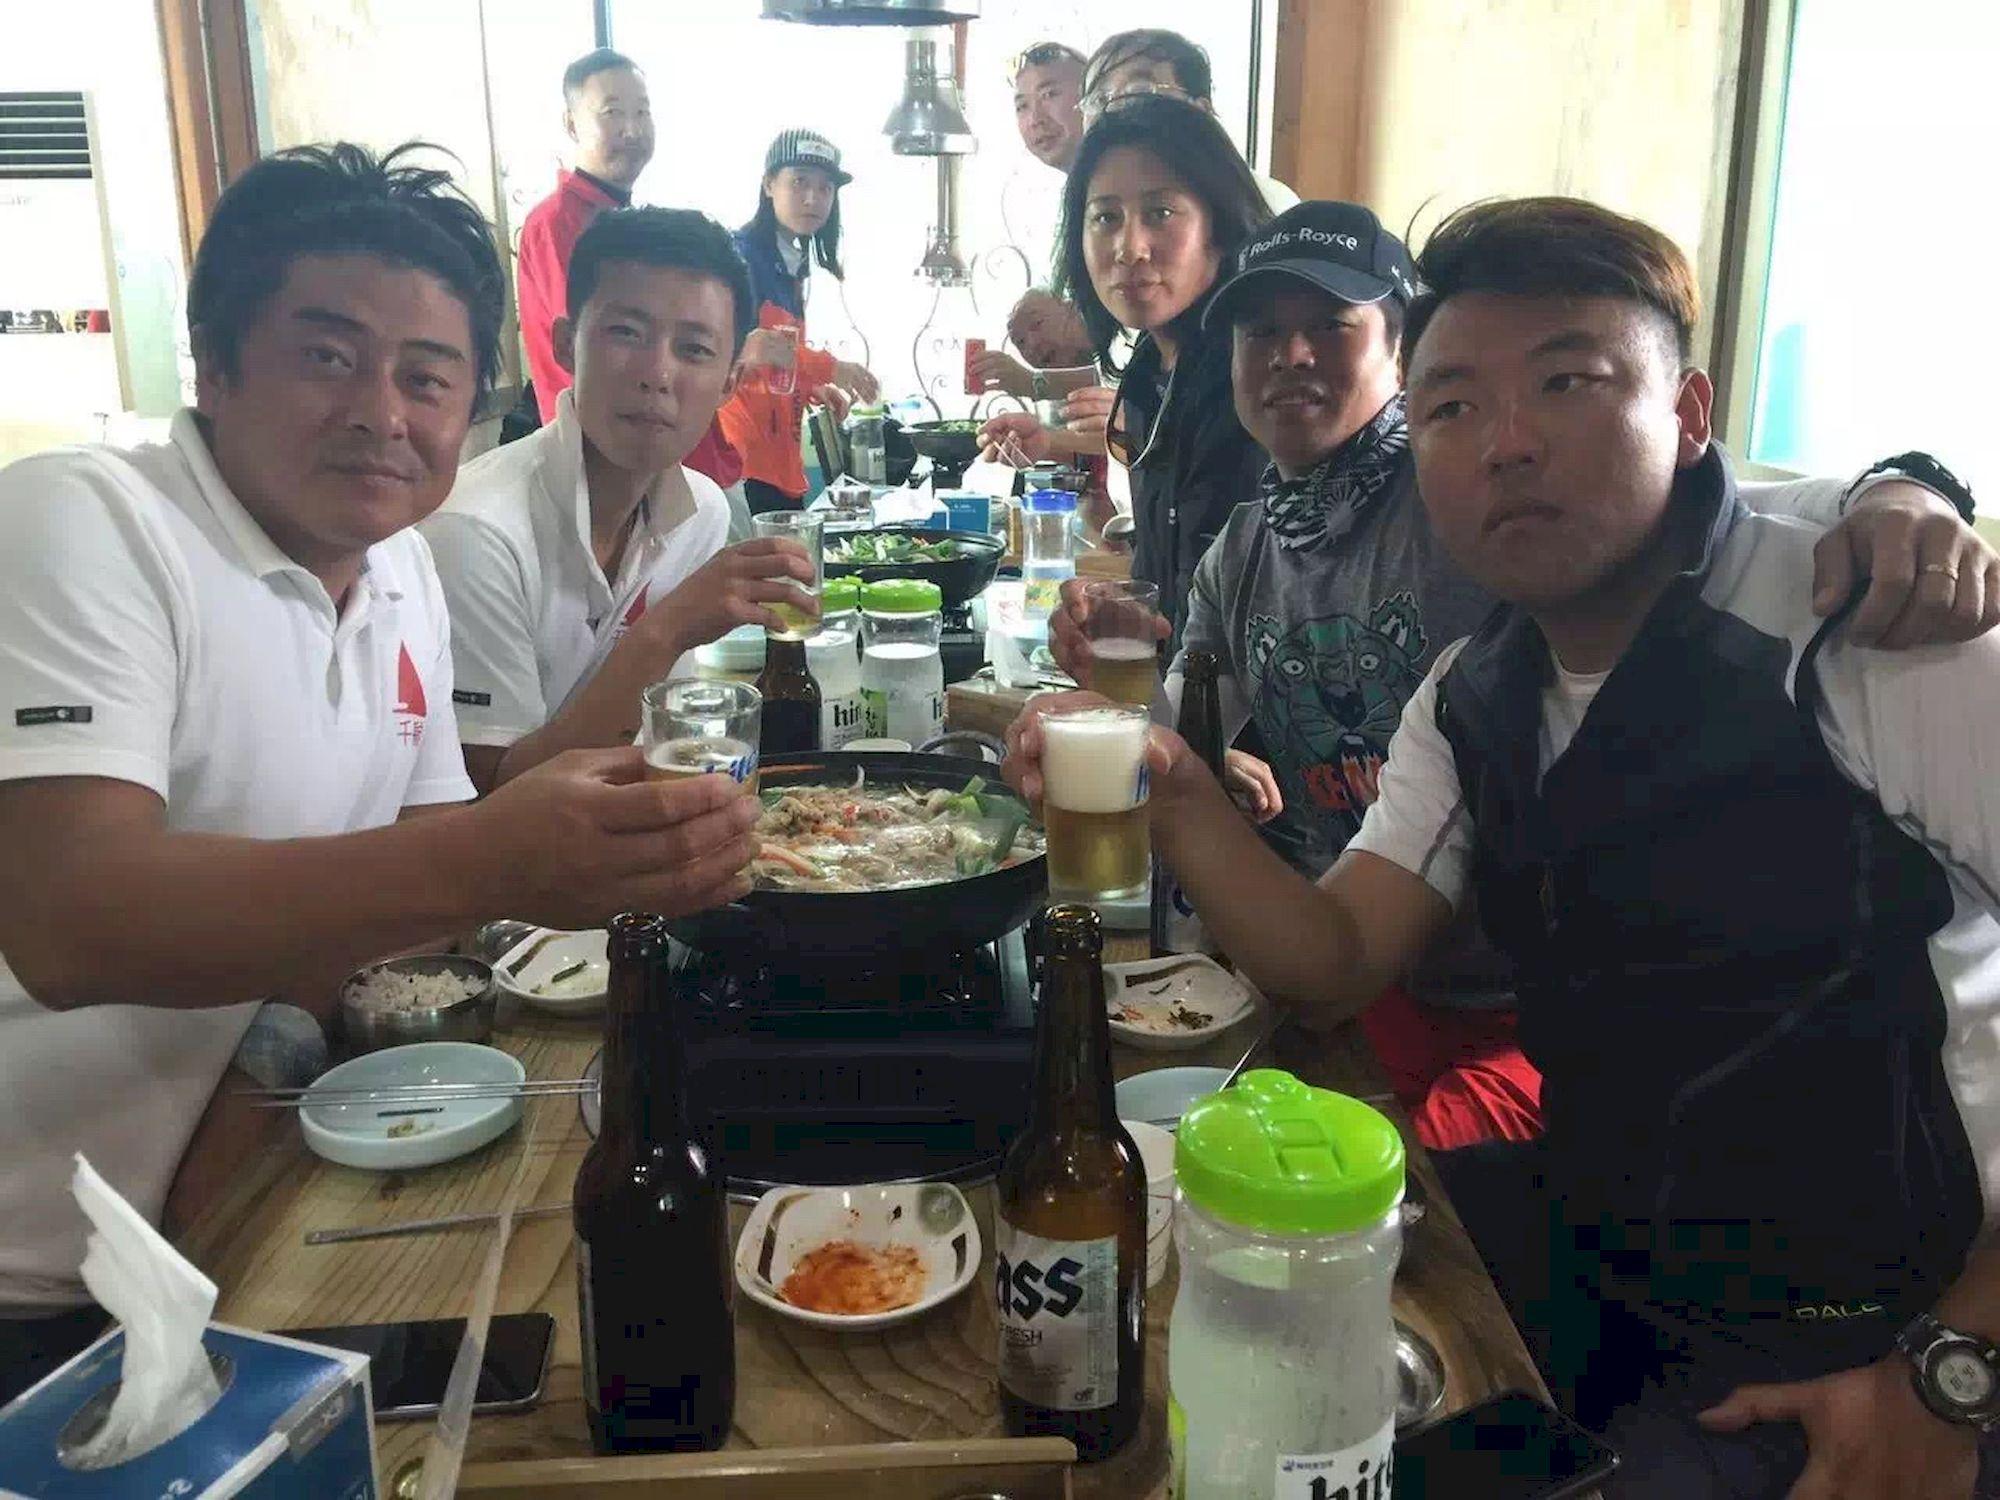 026-IMG_3597_千帆俱乐部我要航海网帆船队-2016威海-仁川国际帆船赛.JPG